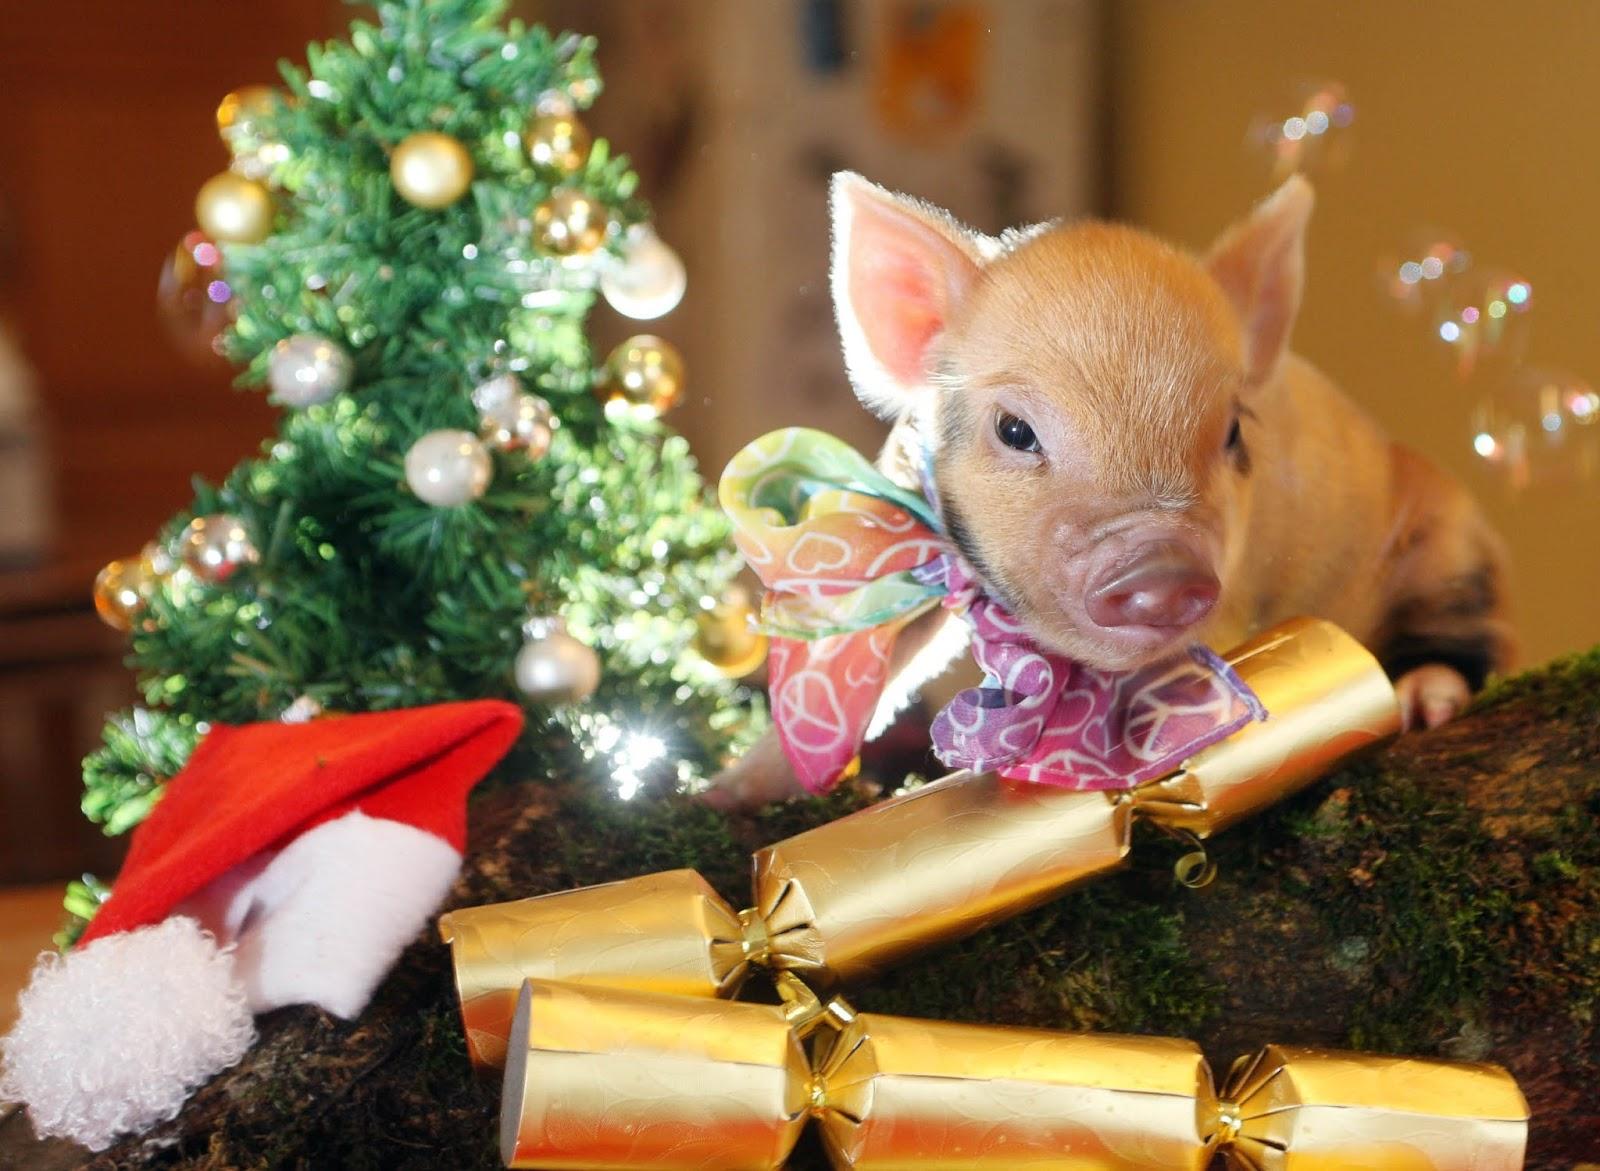 Картинка для нового года свиньи